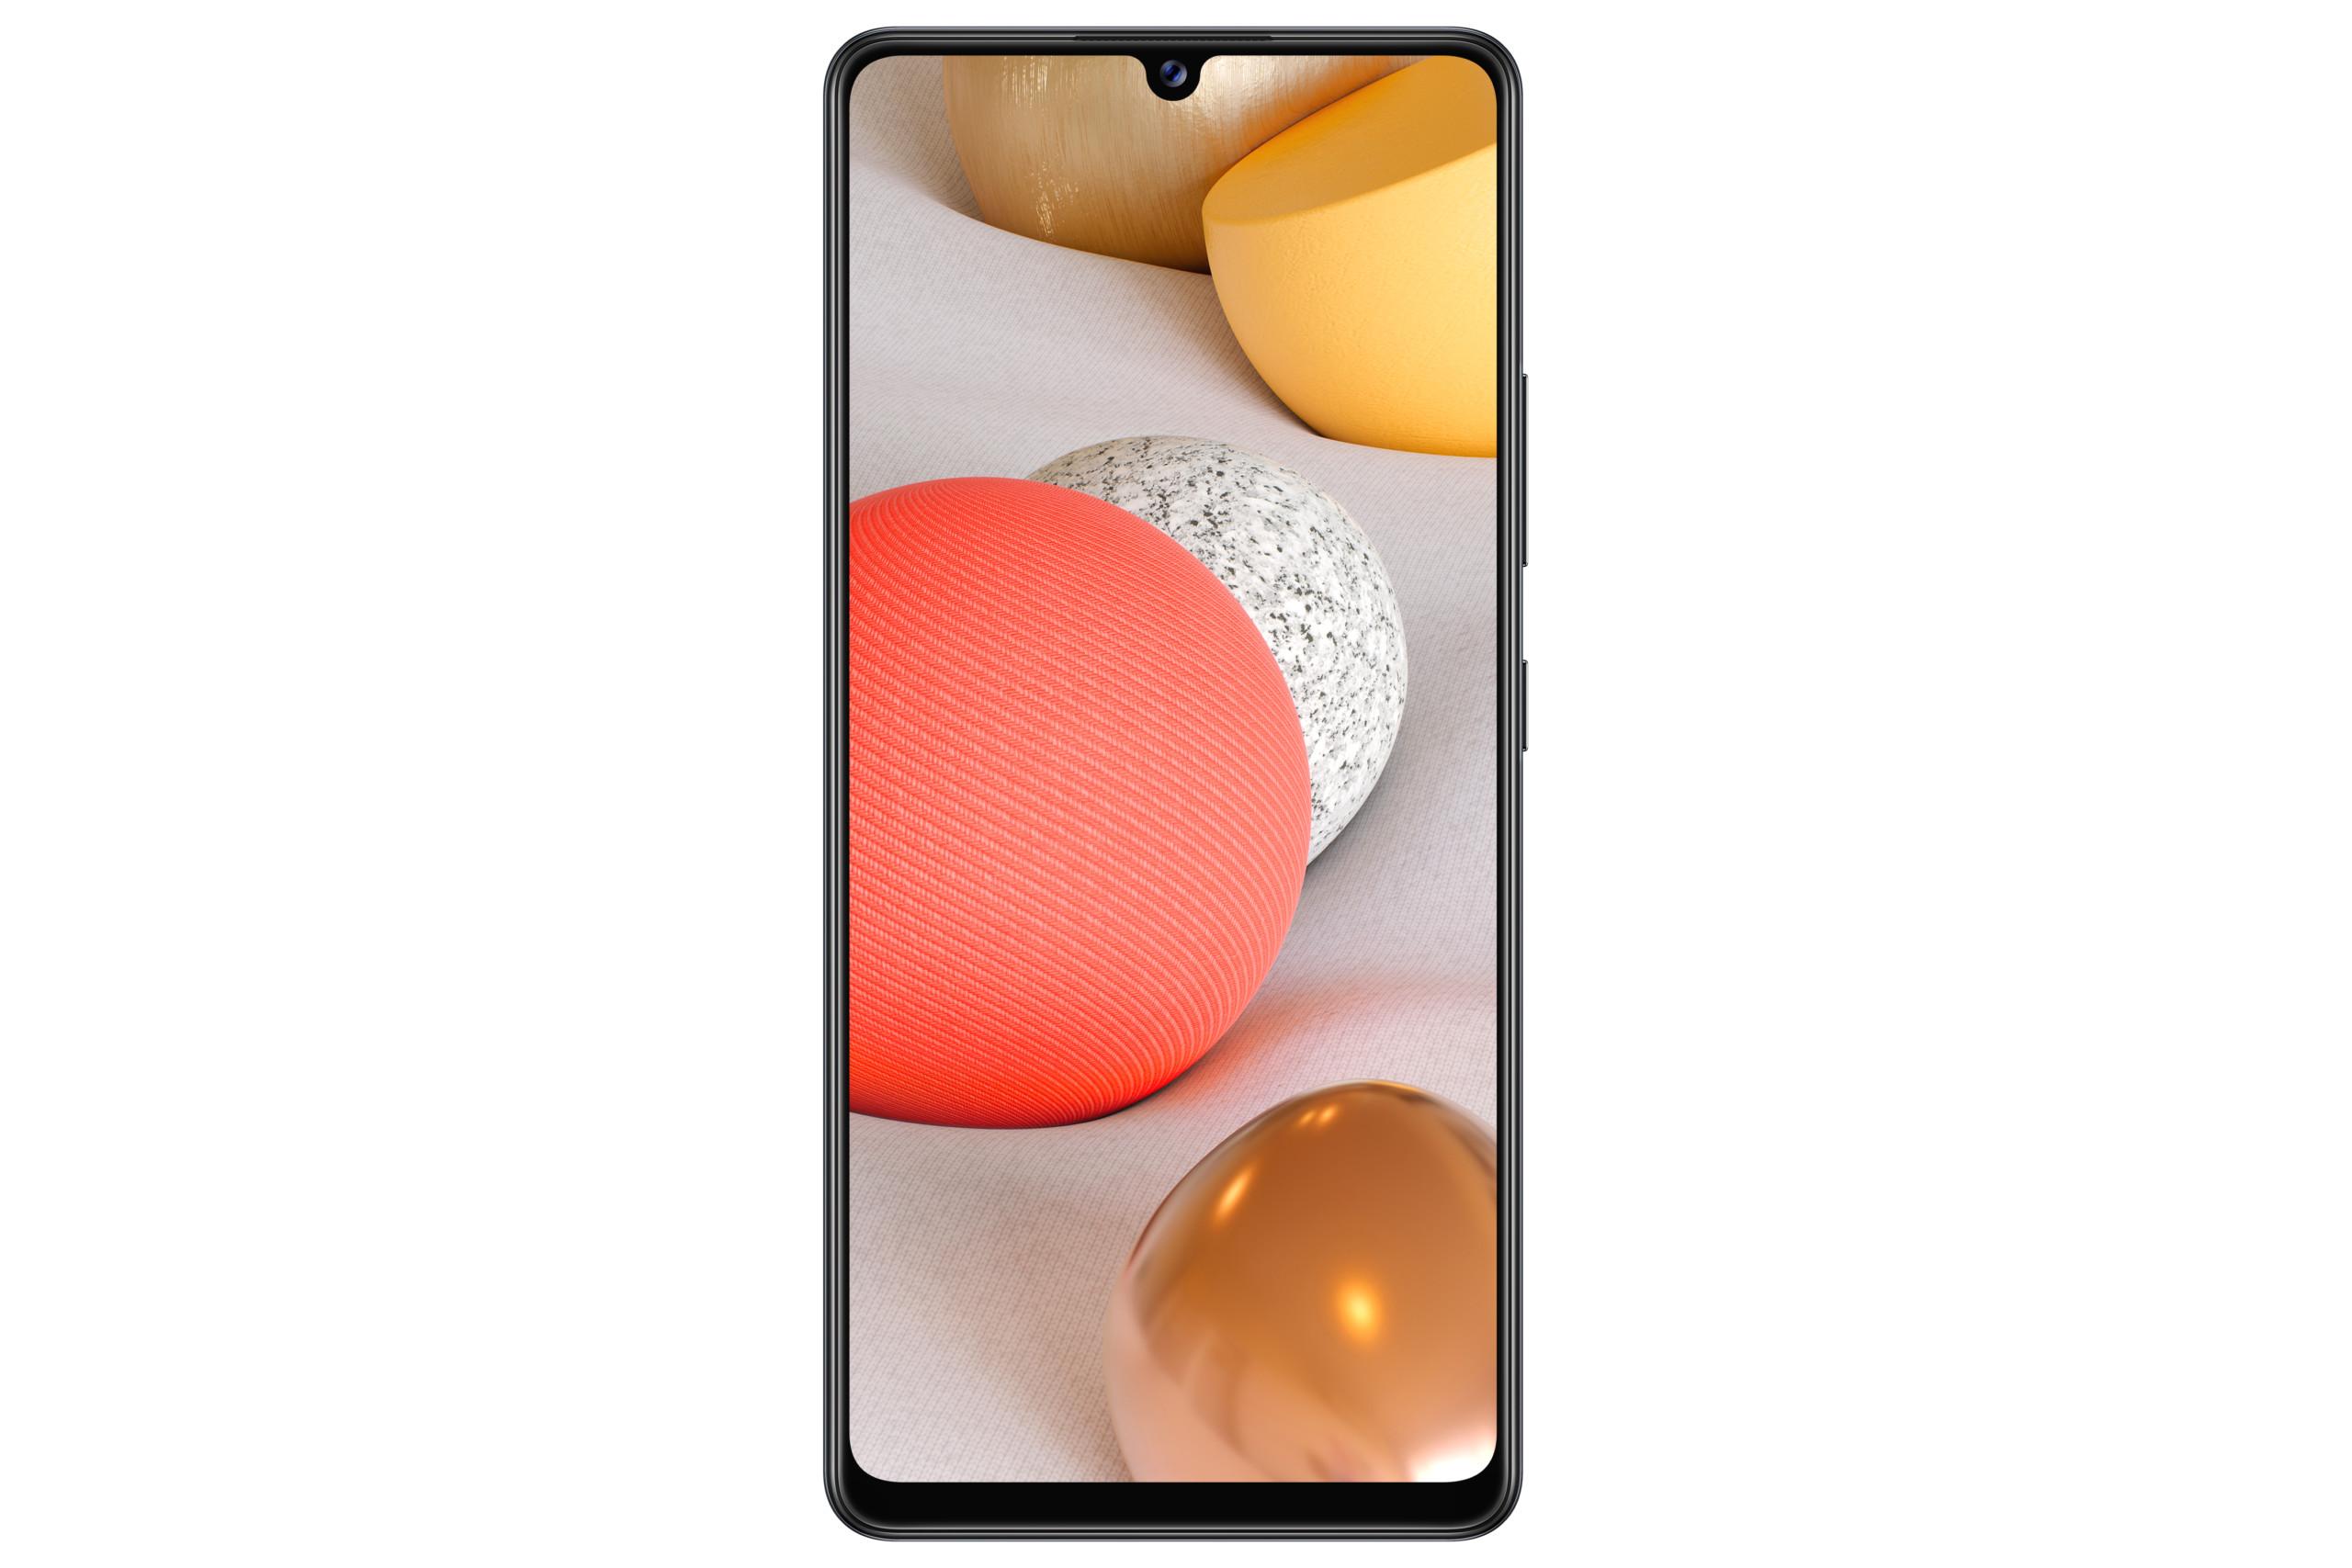 Galaxy A42 : Samsung lance un nouveau smartphone 5G à prix très abordable